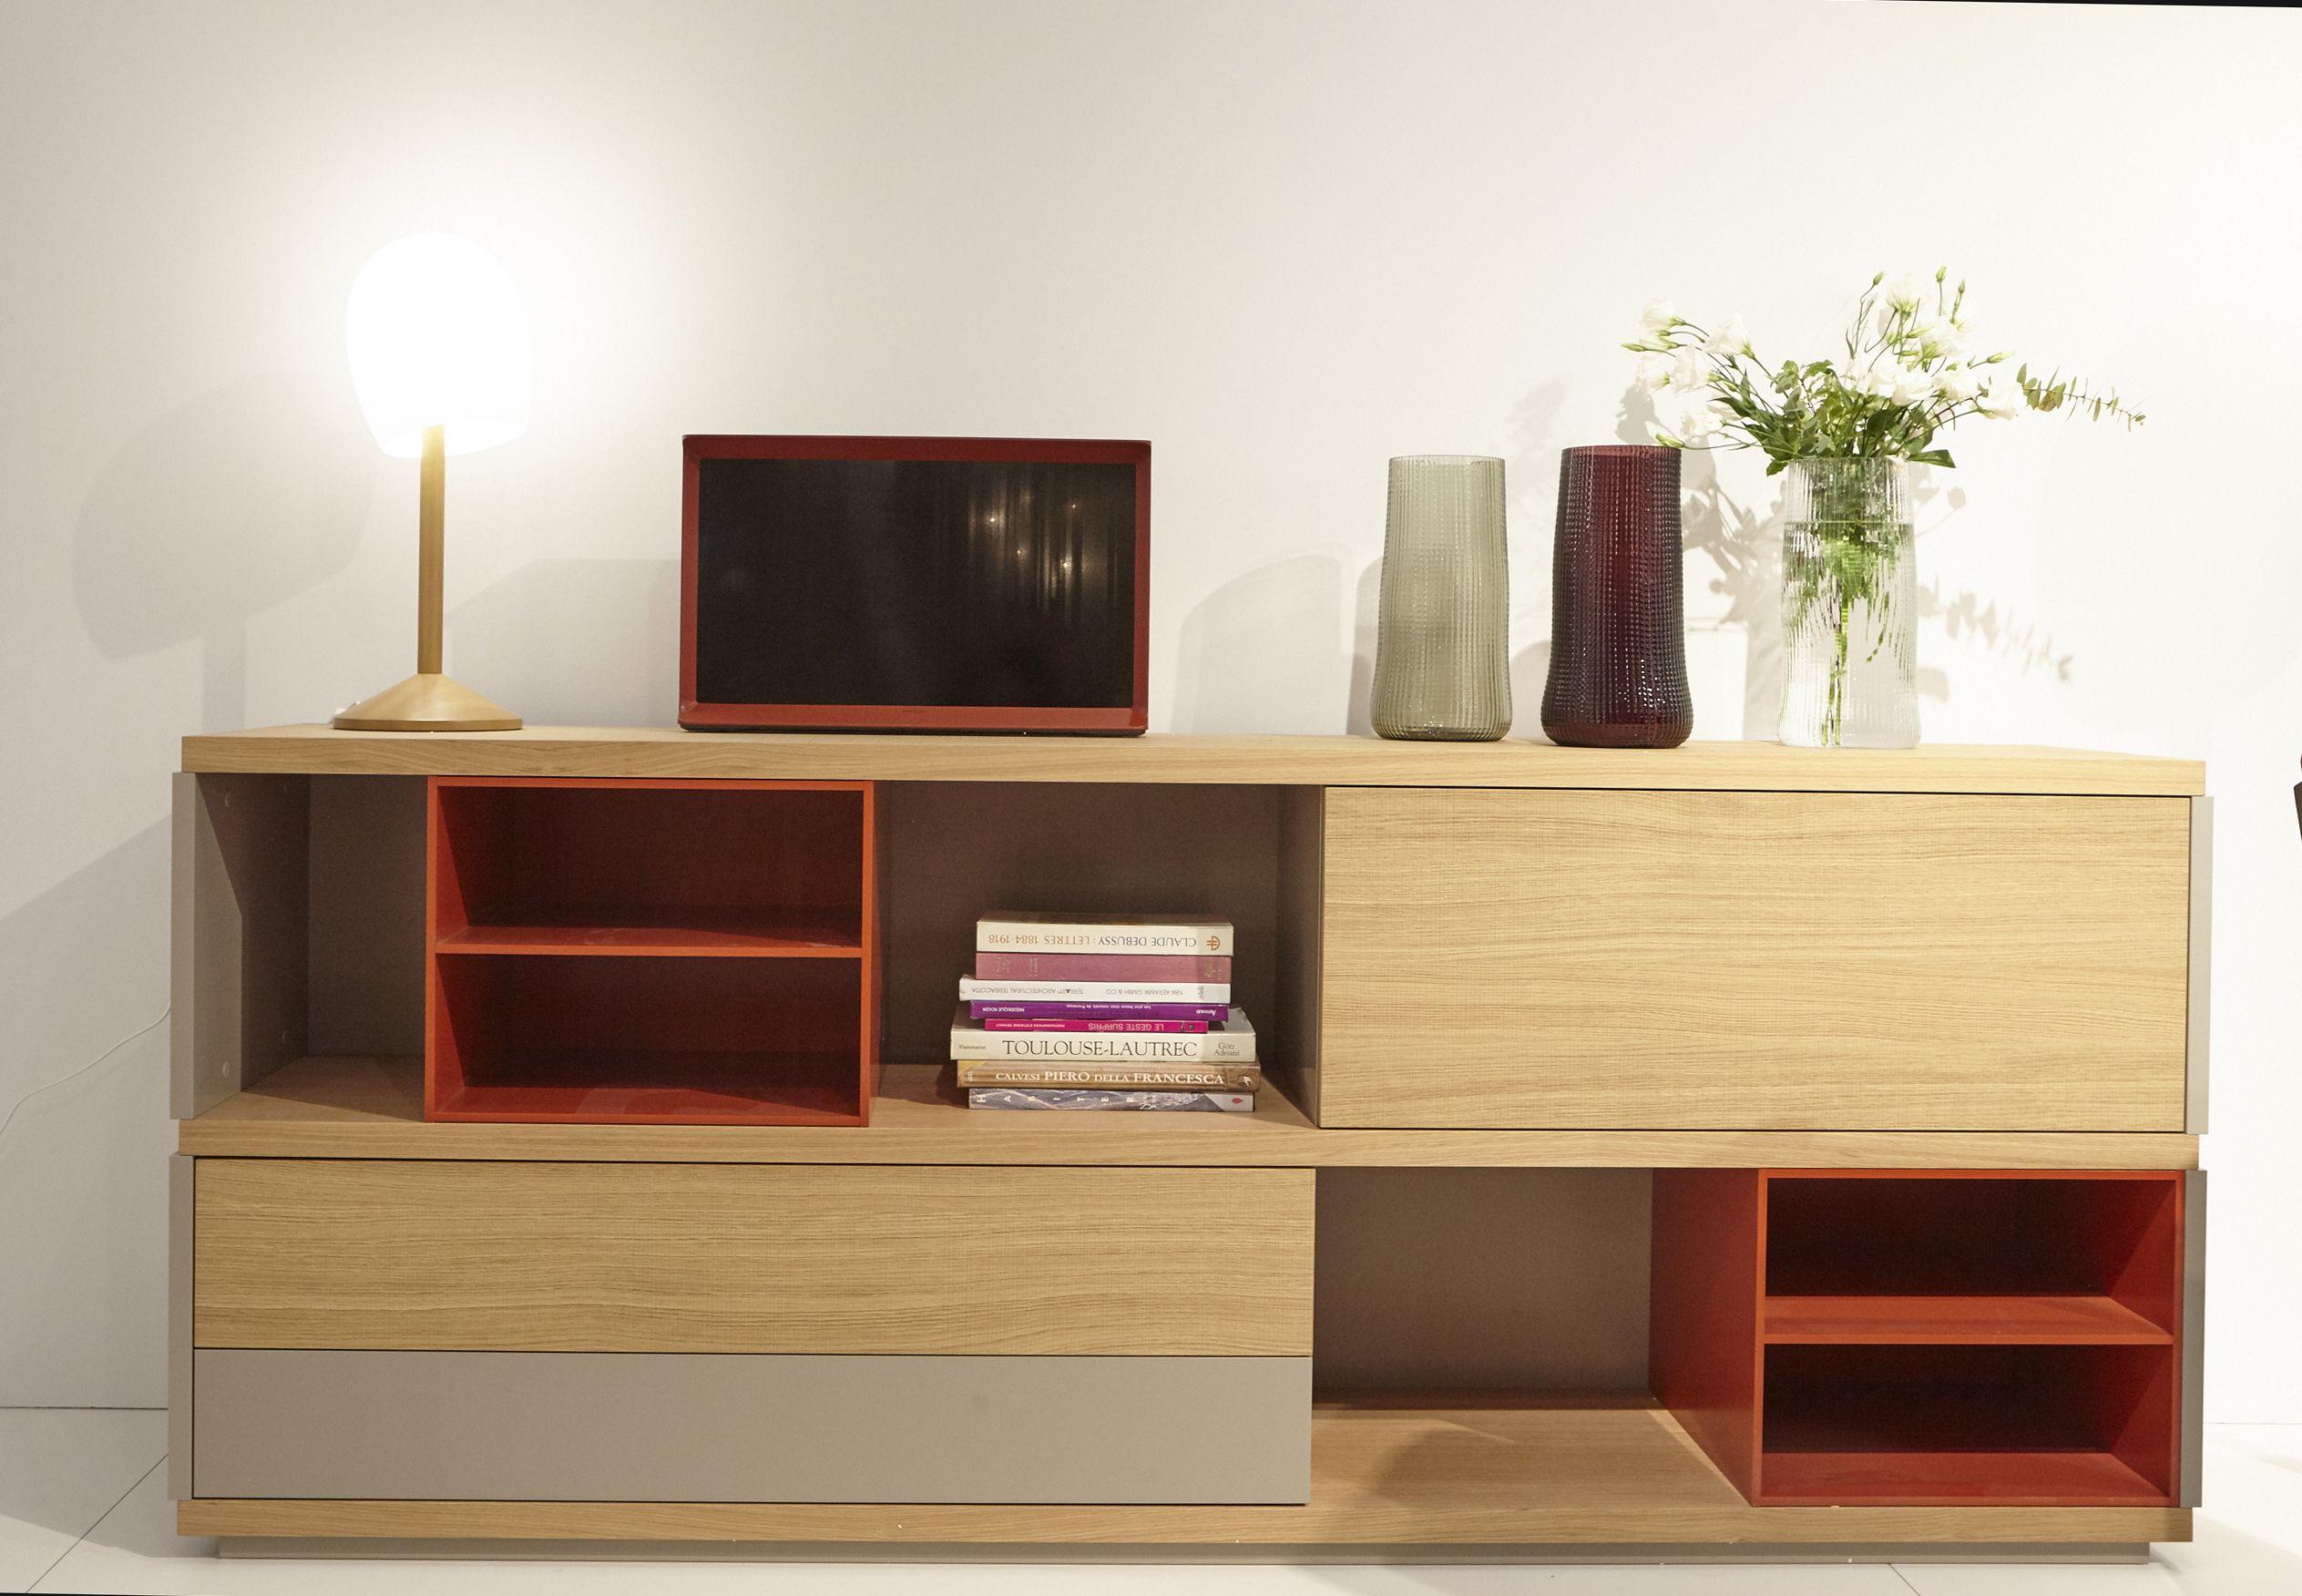 ligneroset at maison objet paris 2016 study pinterest ligne roset. Black Bedroom Furniture Sets. Home Design Ideas